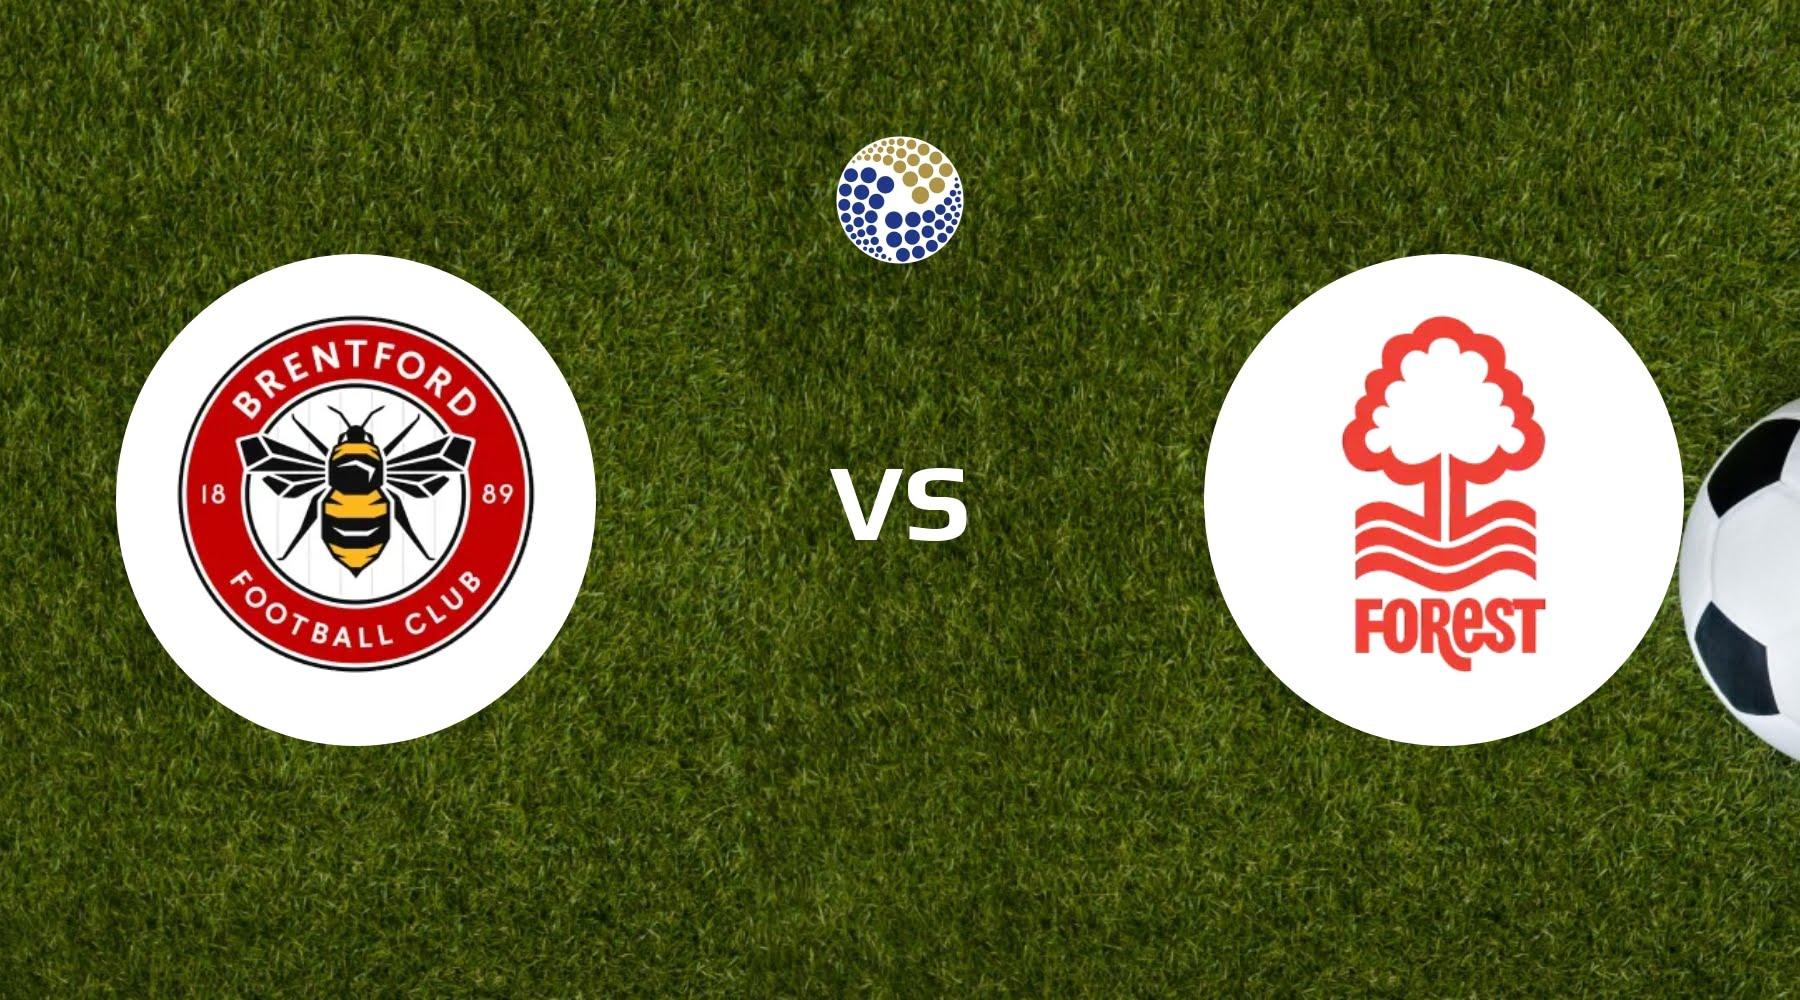 Brentford vs Nottingham Forest Betting